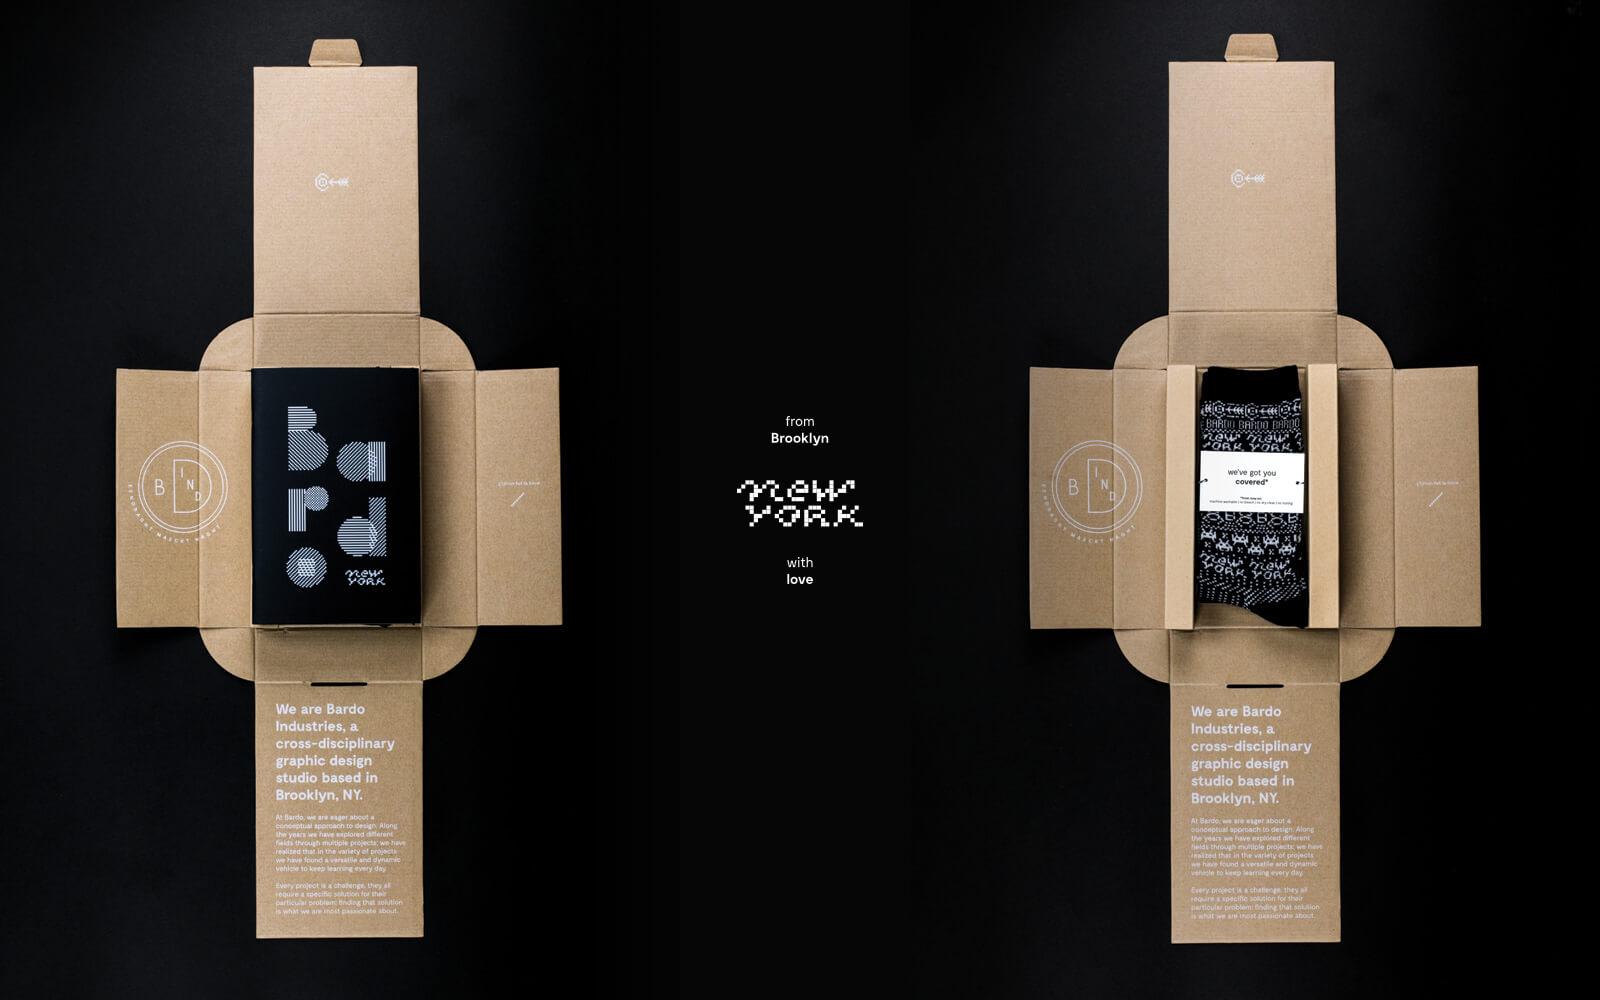 Bardo-Box-06-packhelp-verpackung